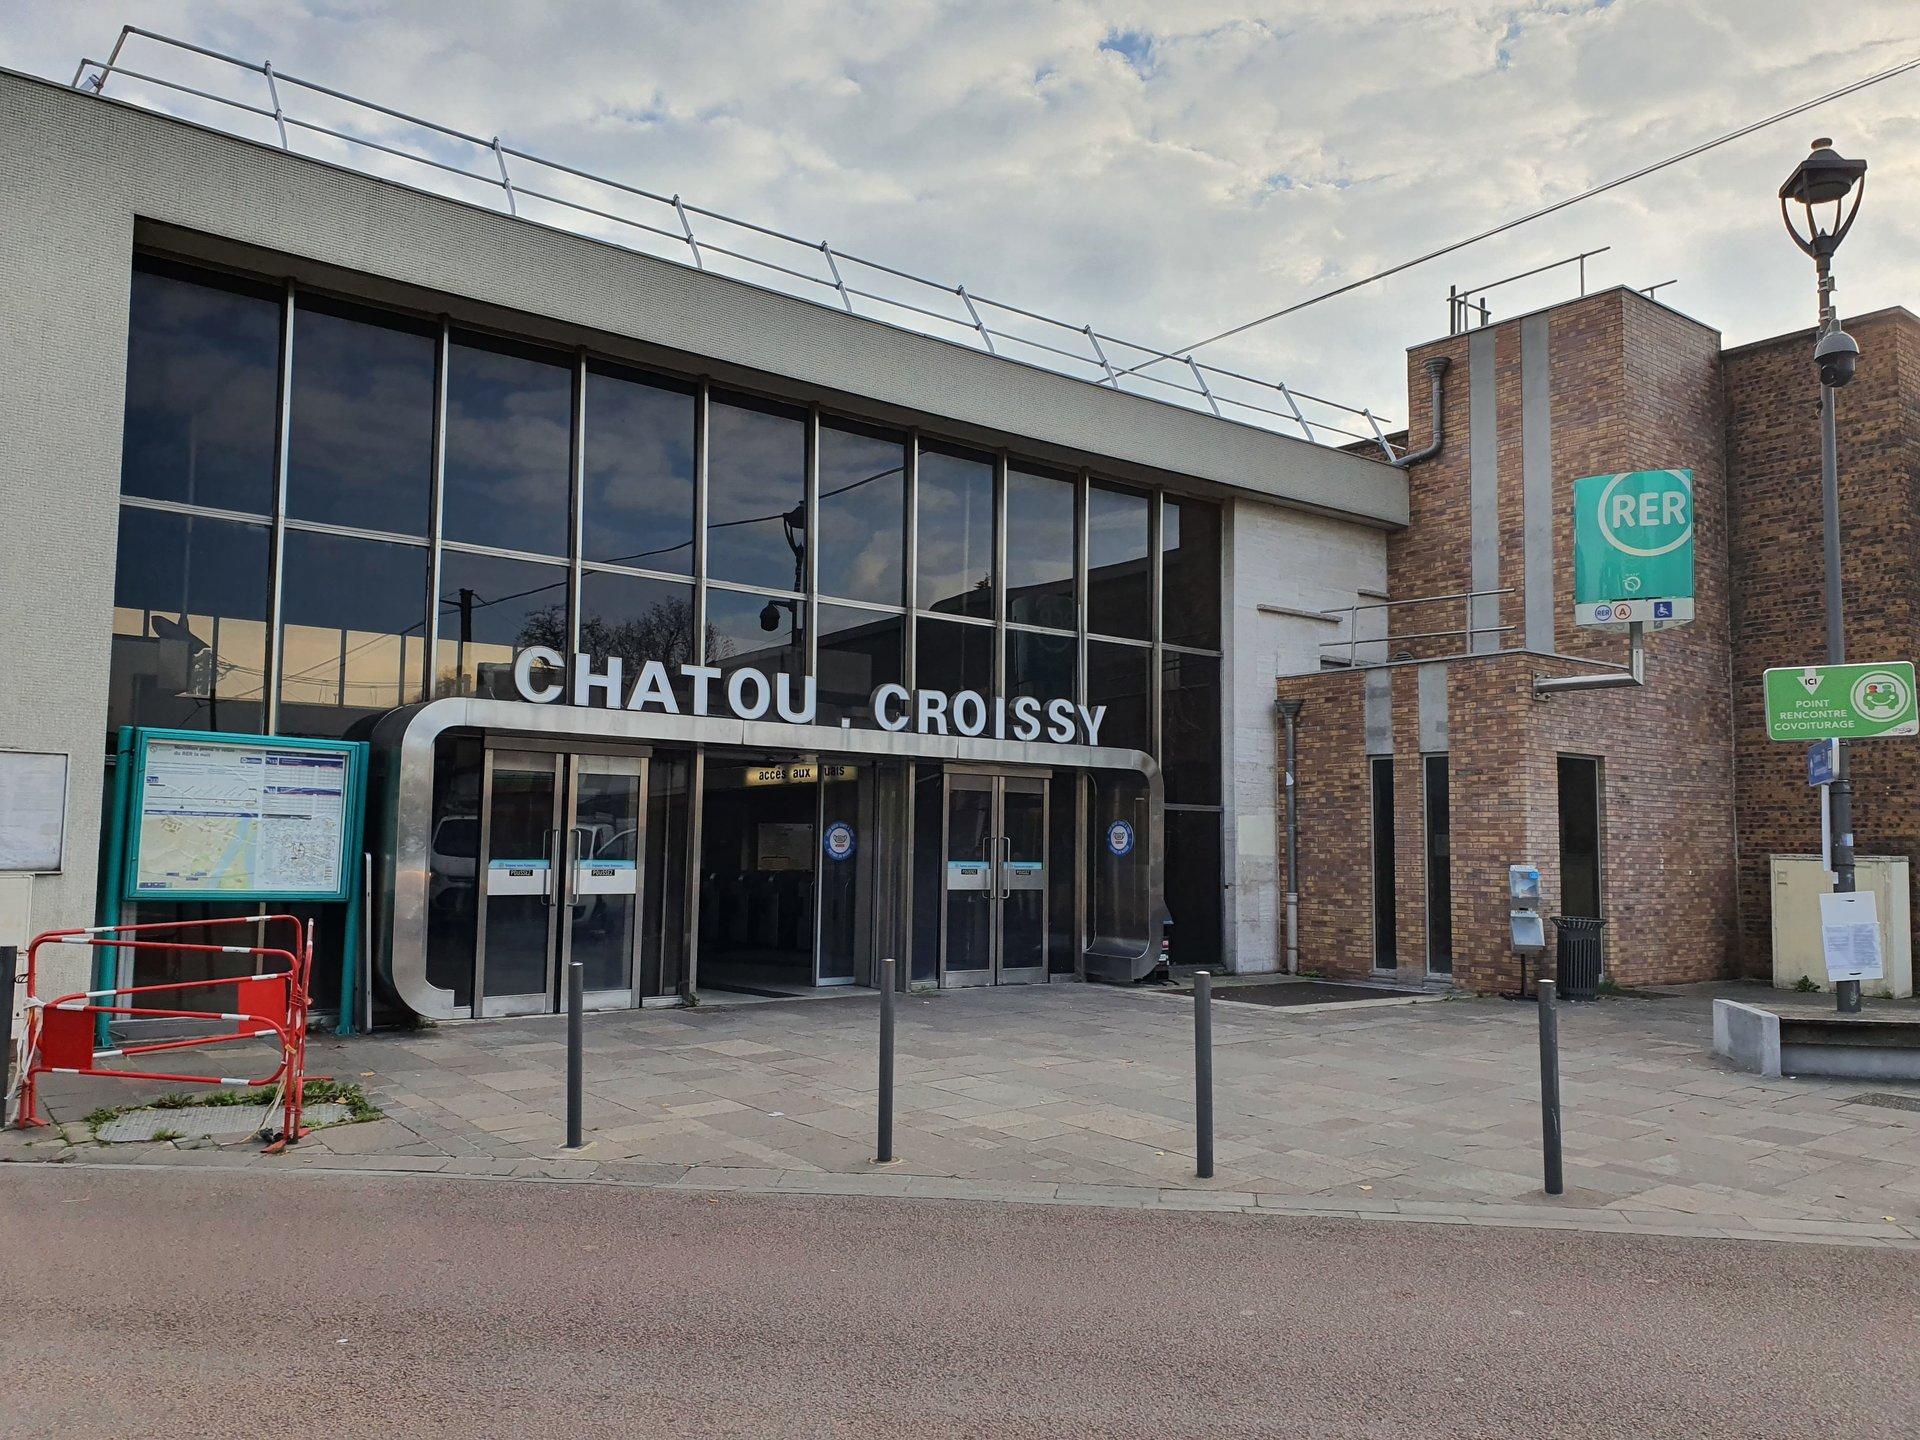 GARAGE RER CHATOU